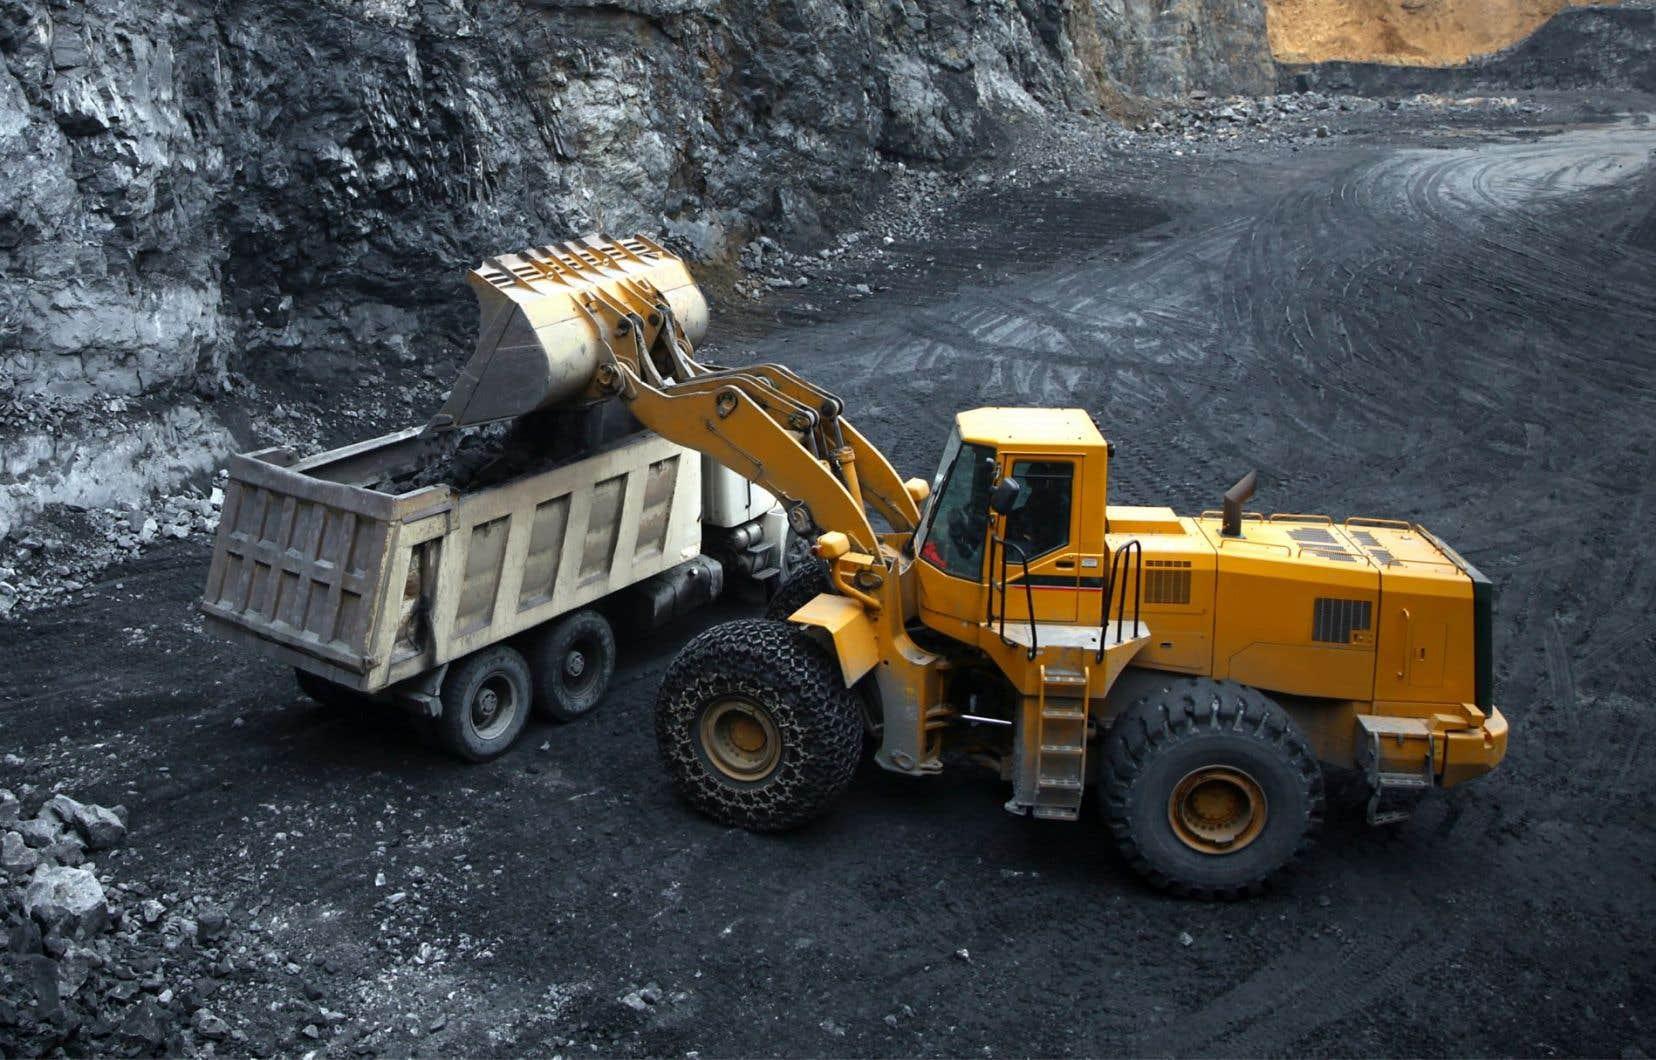 Une partie de la production du projet minier Matawinie,à Saint-Michel-des-Saints, pourrait fournir le graphite nécessaire à l'assemblage de batteries au lithium-ion, qui alimentent les voitures électriques.